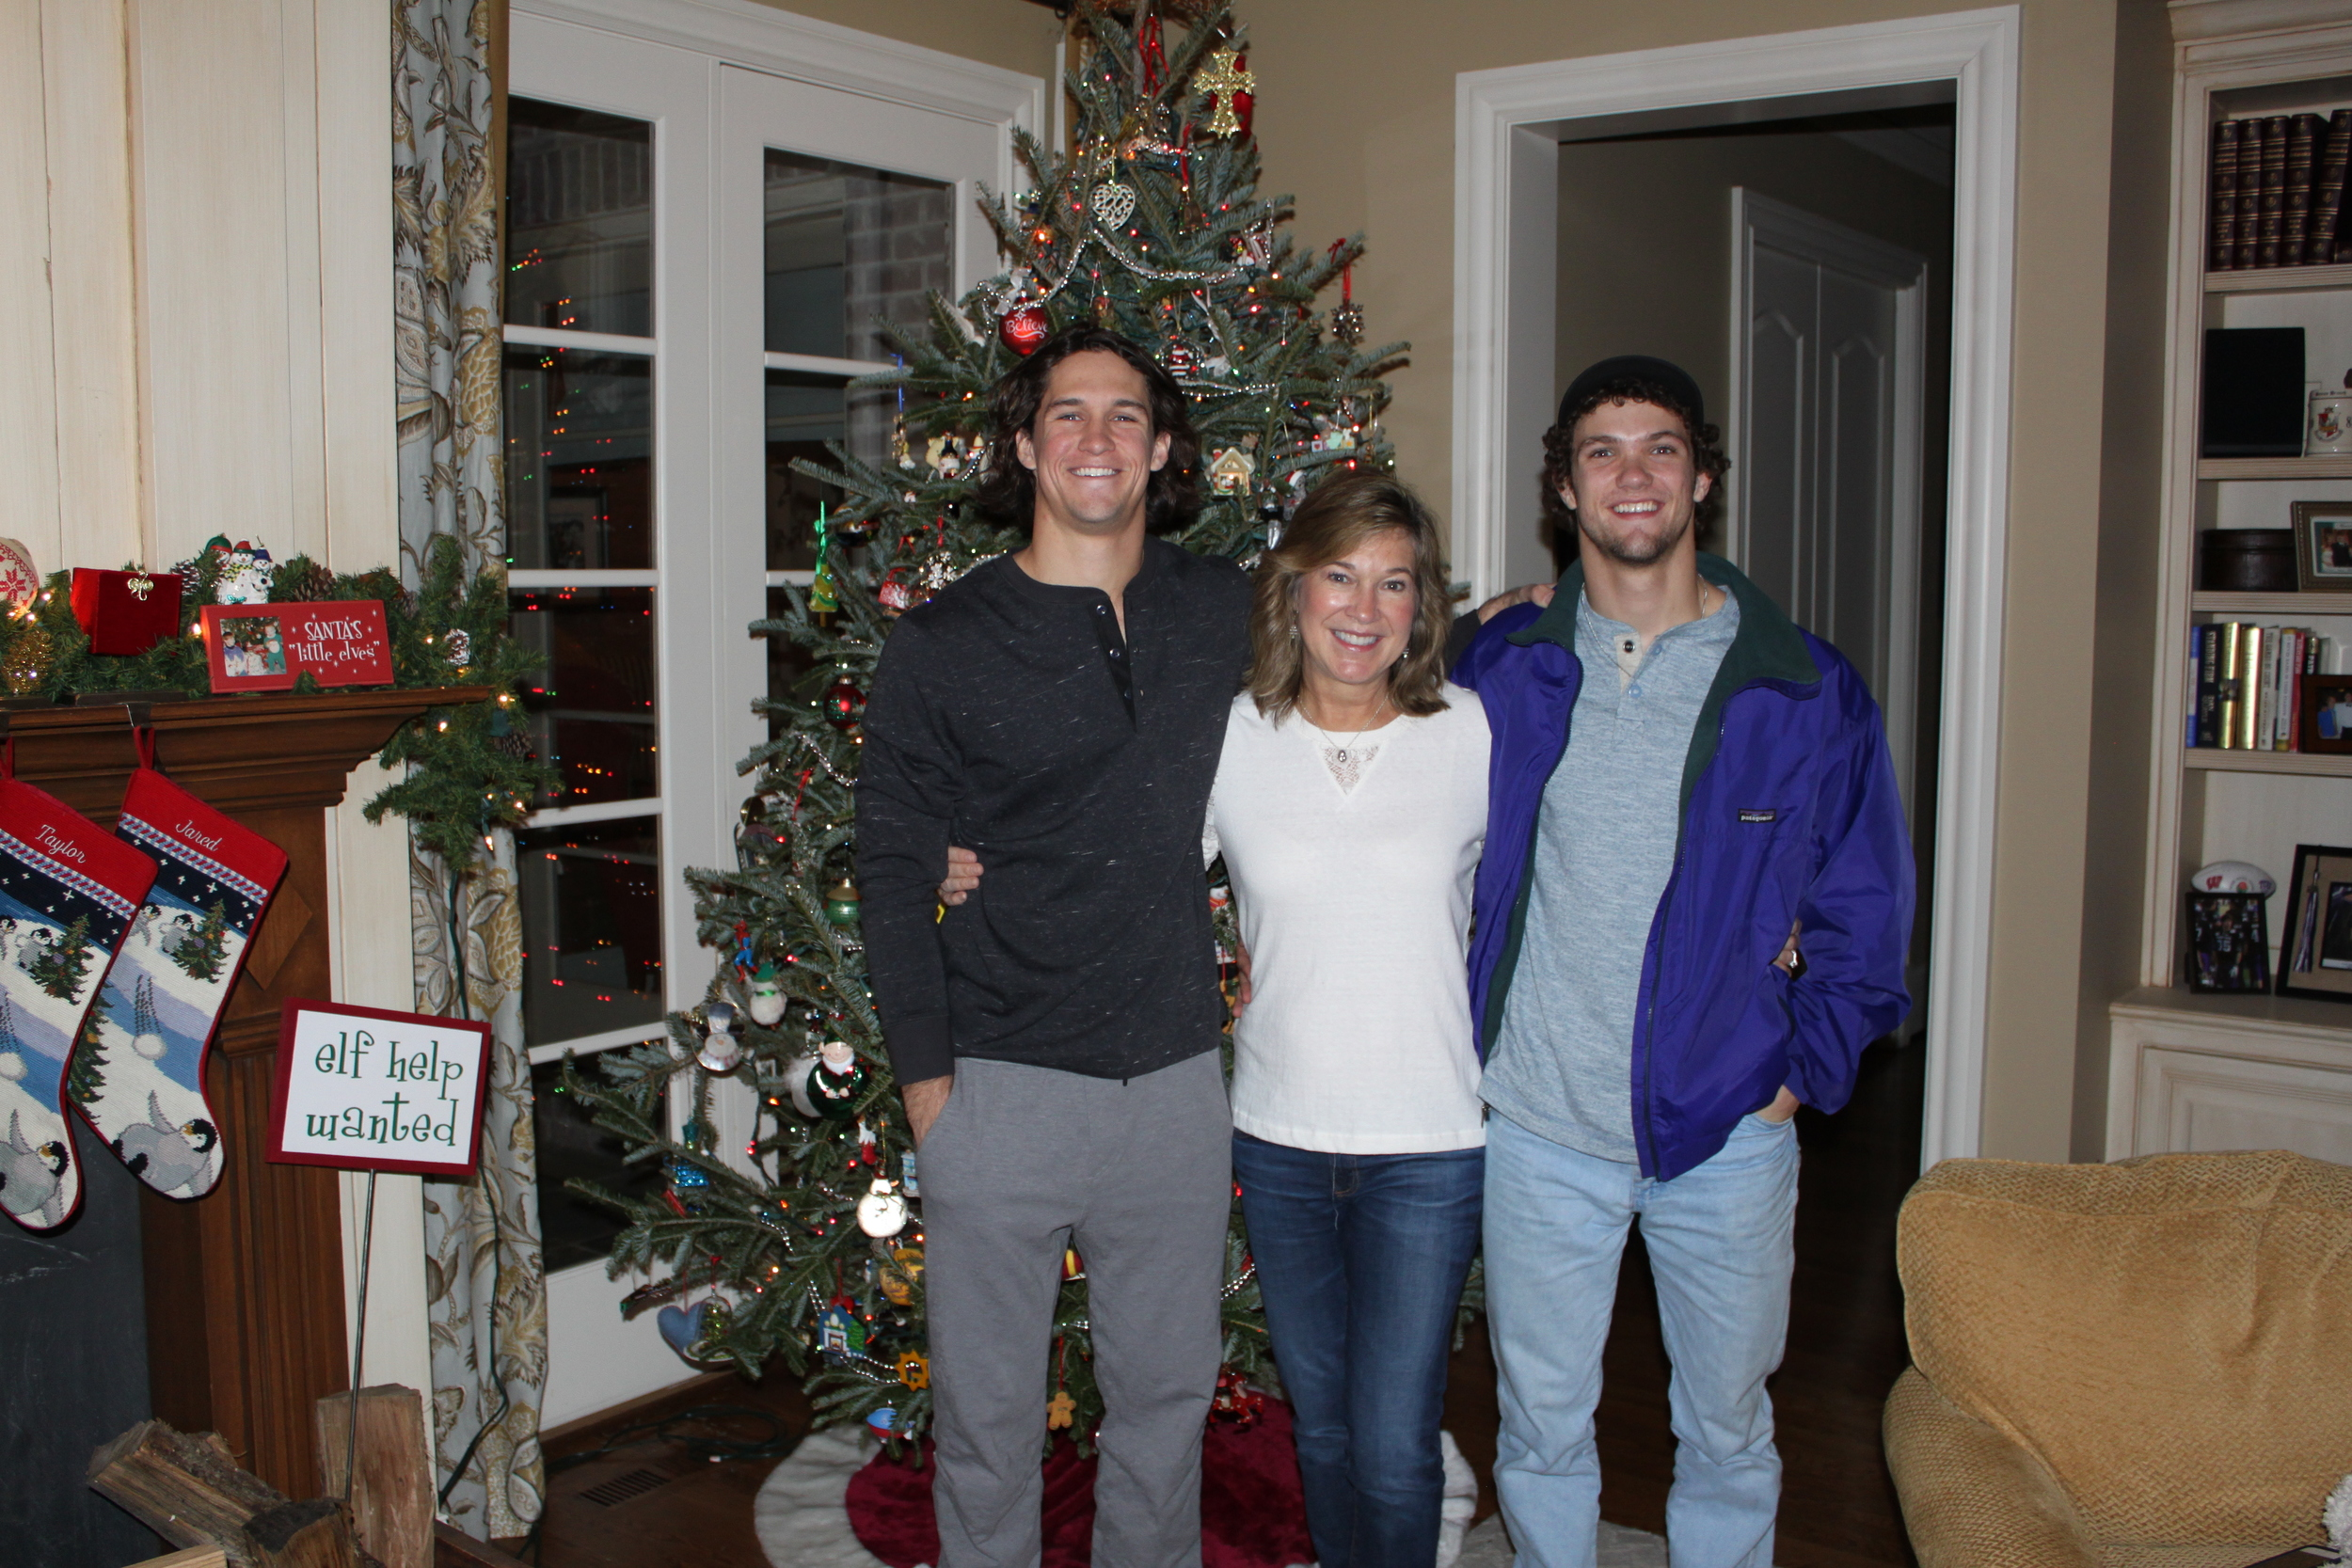 Me and my boys (my gratitude) at Christmas